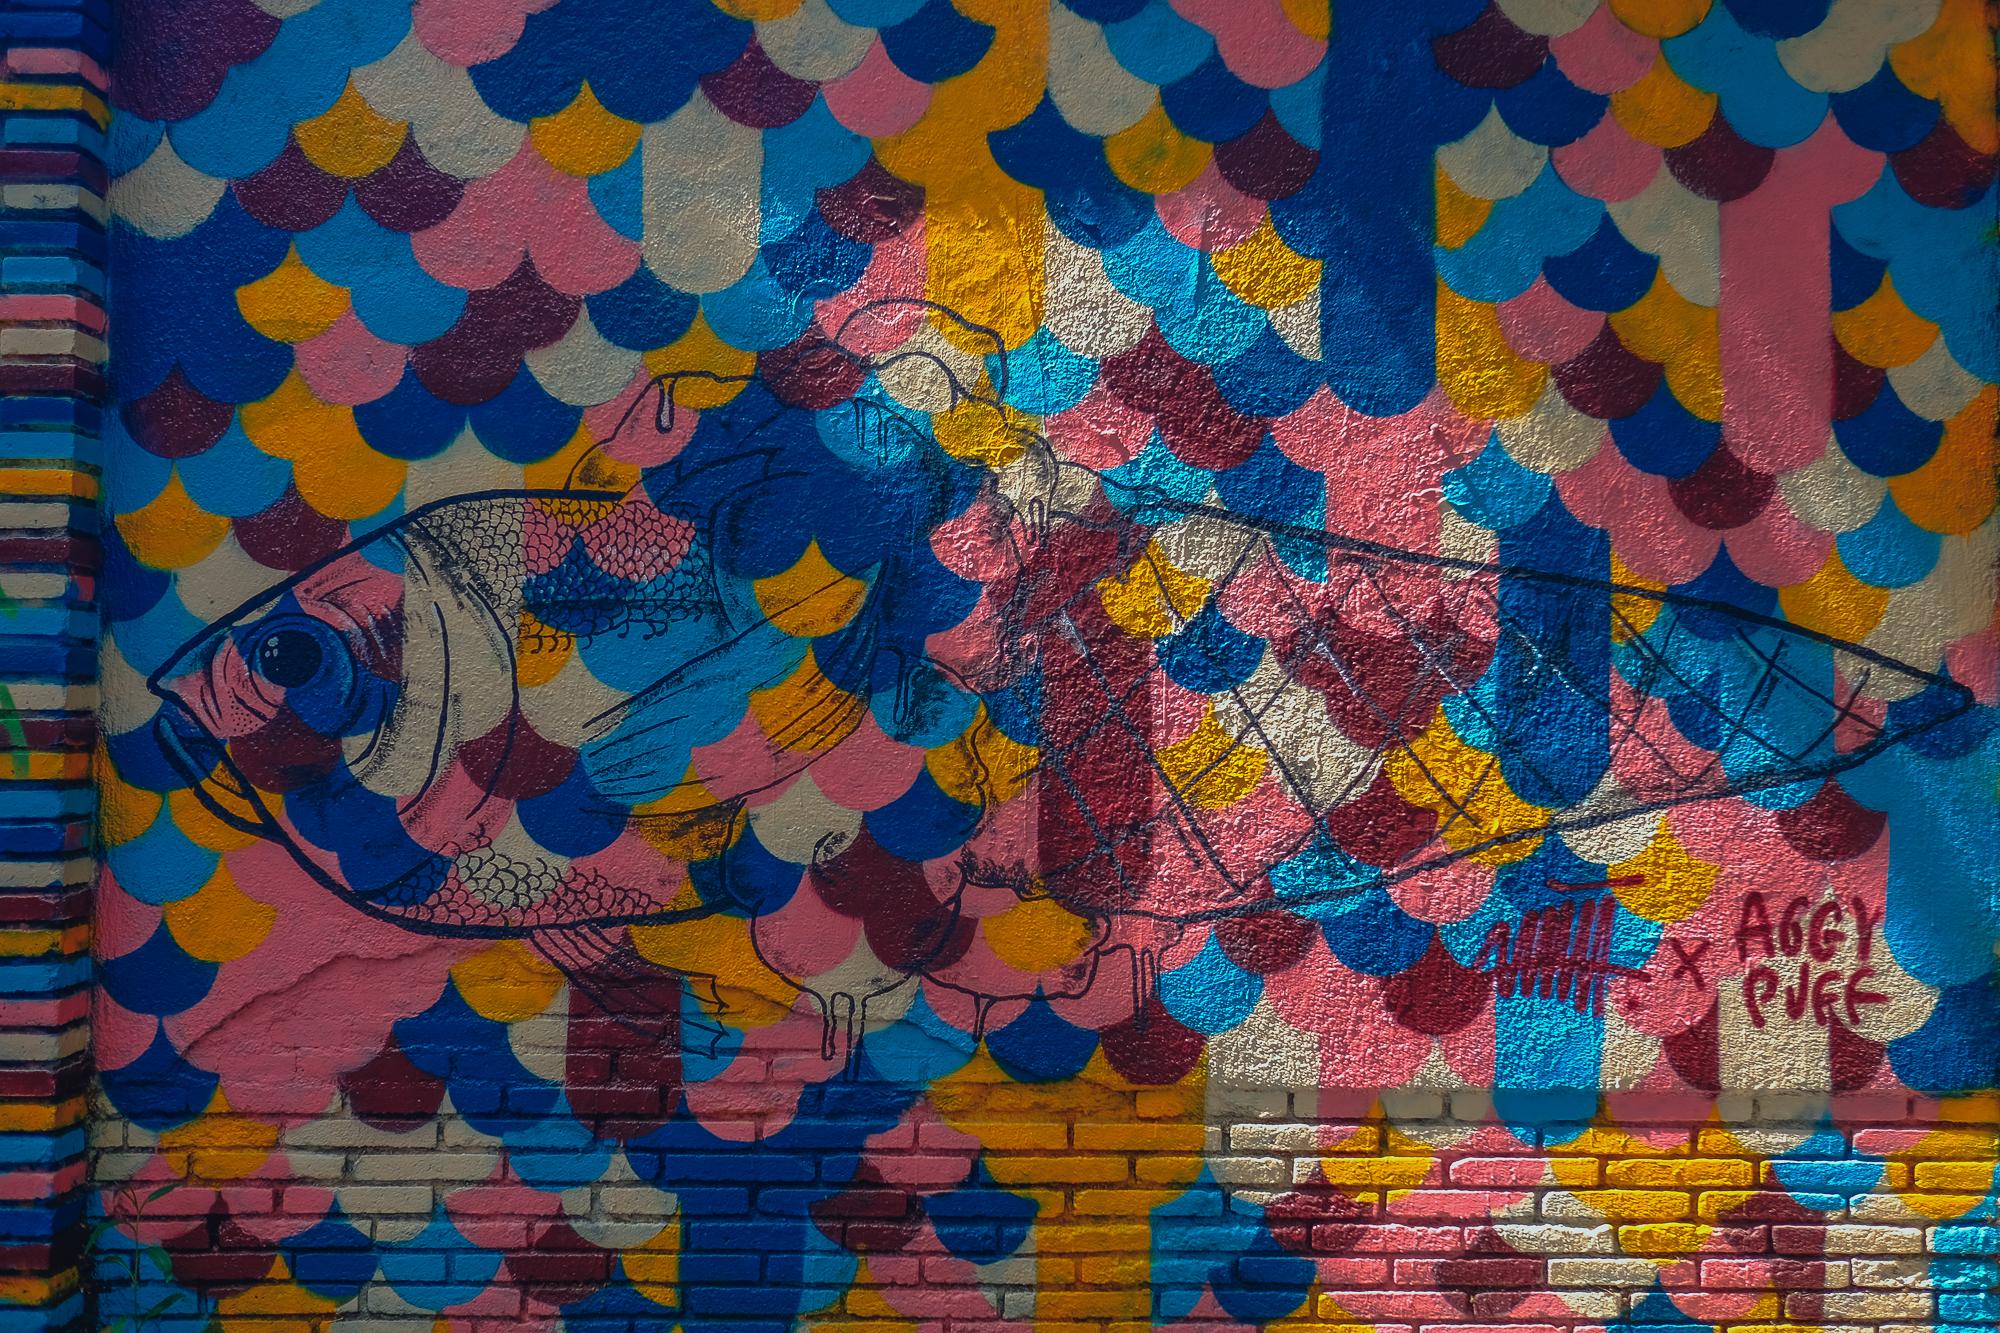 fishcone mural